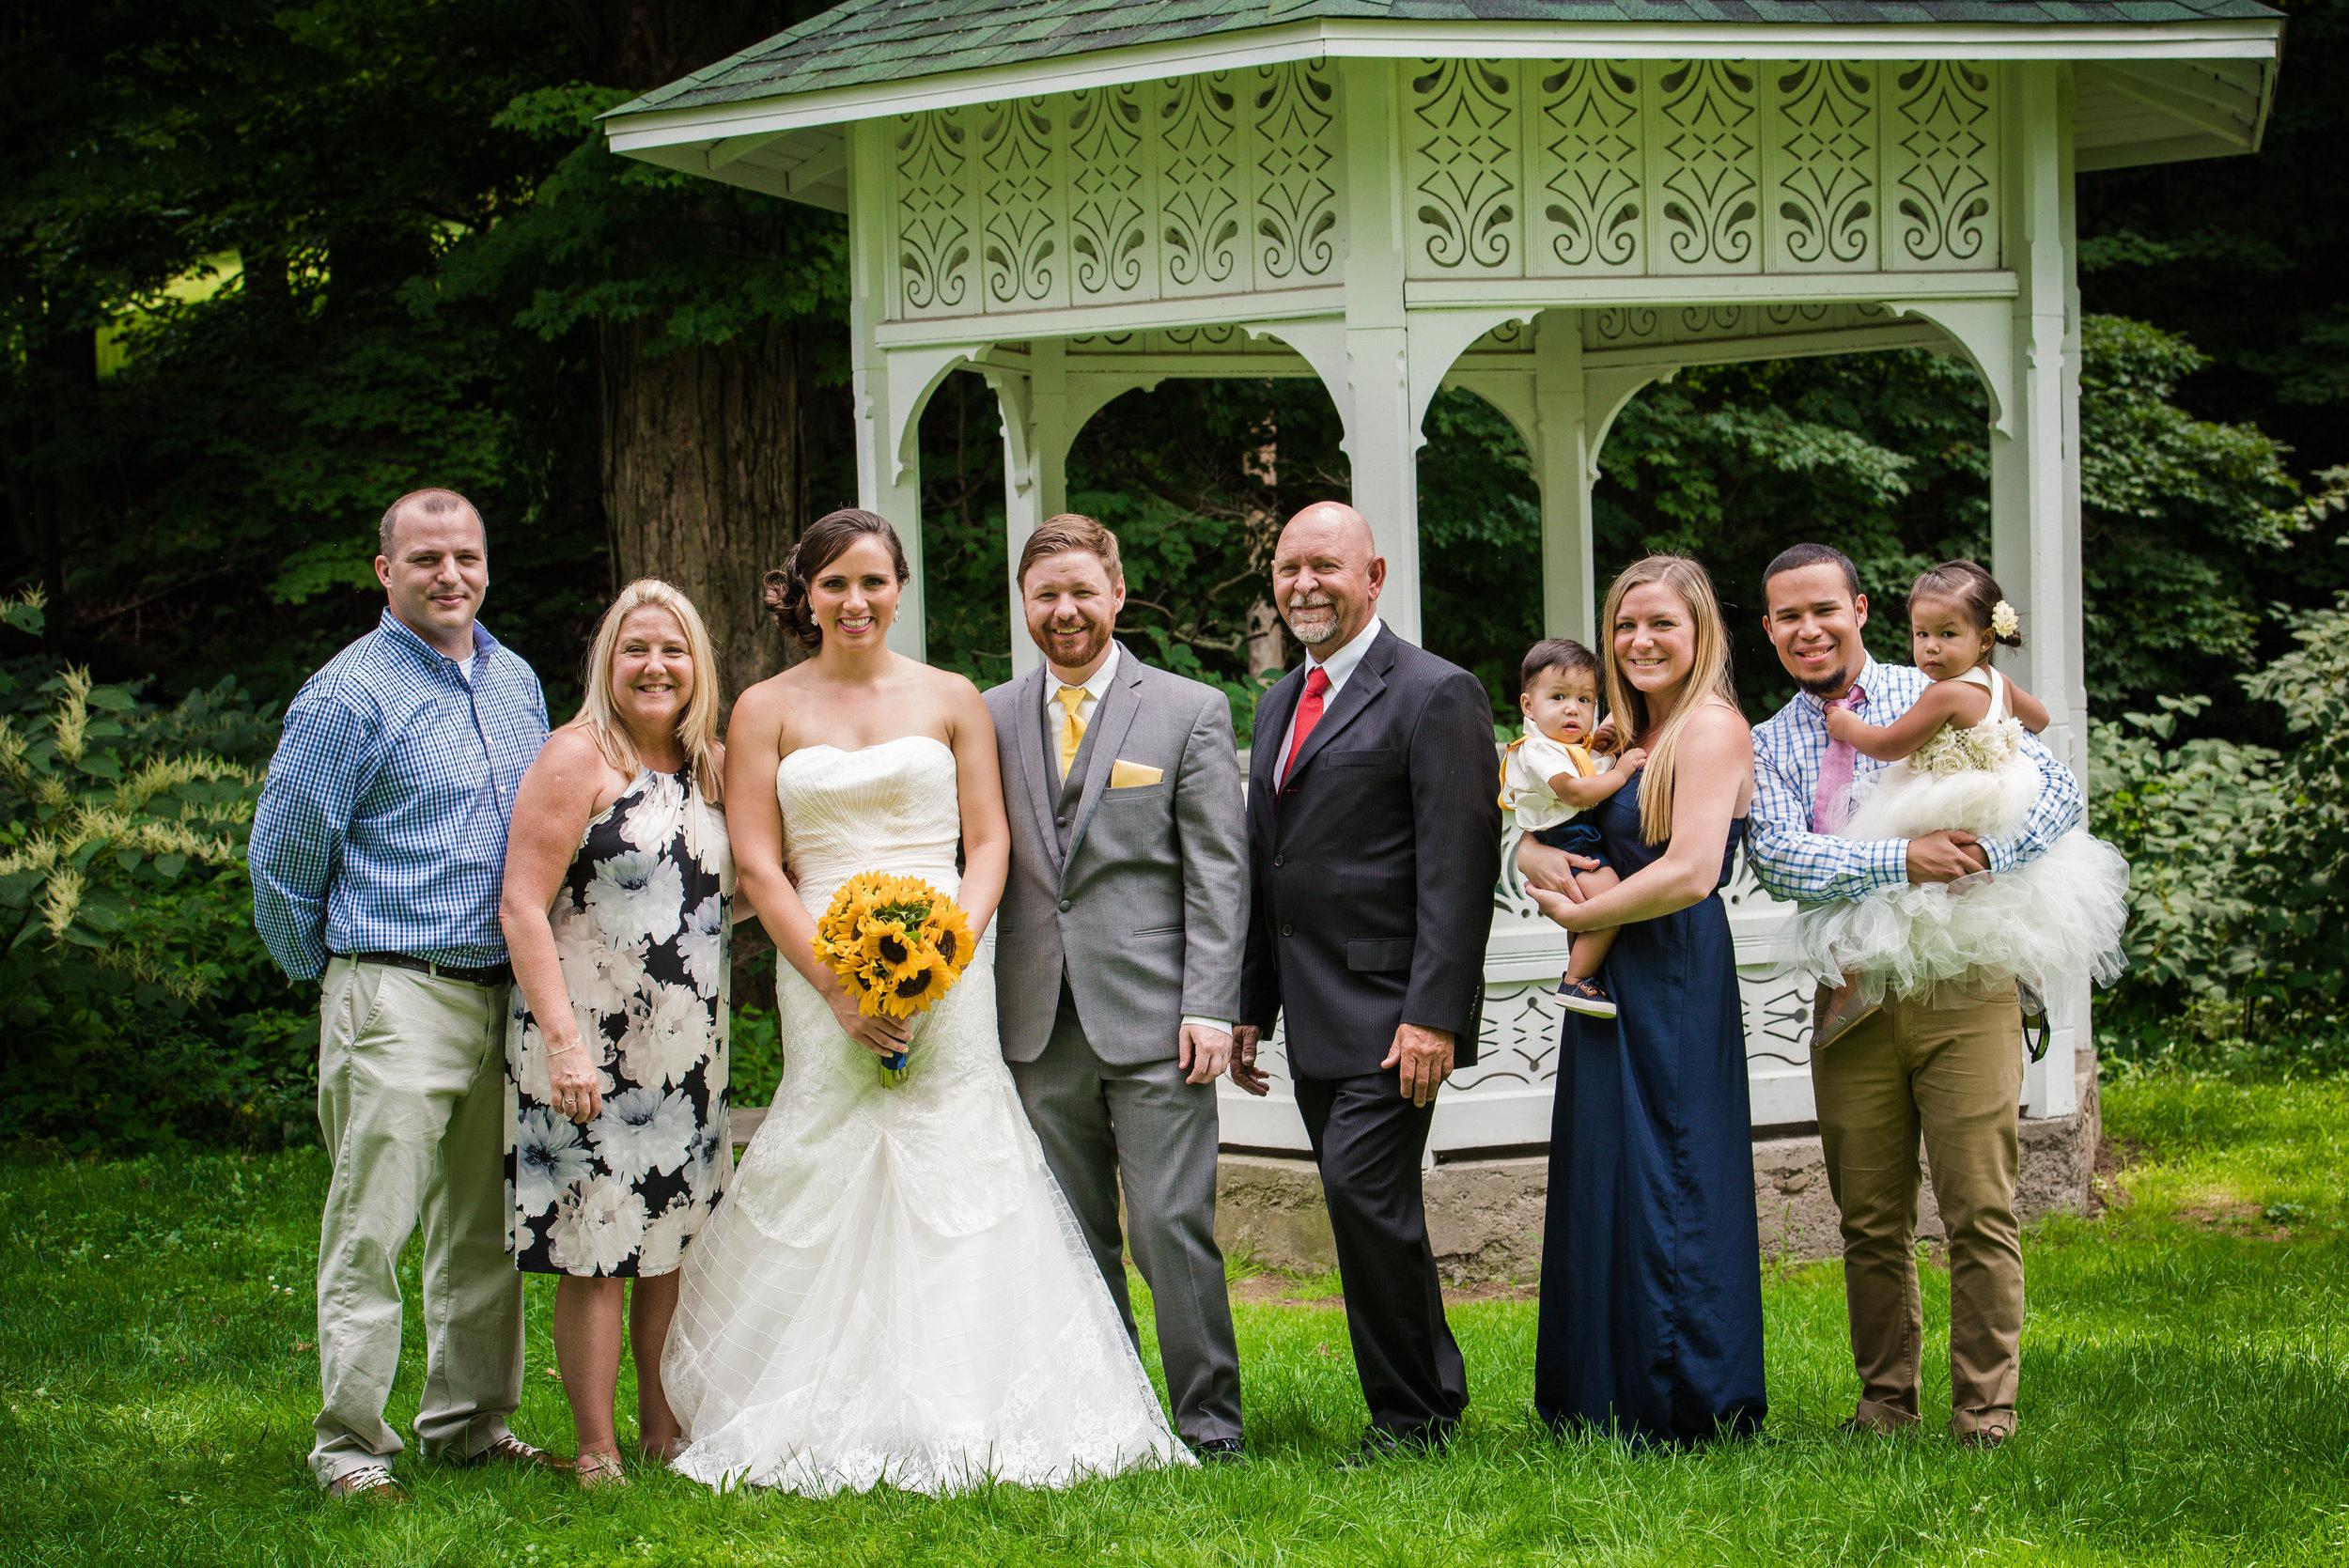 A few more wedding pics!